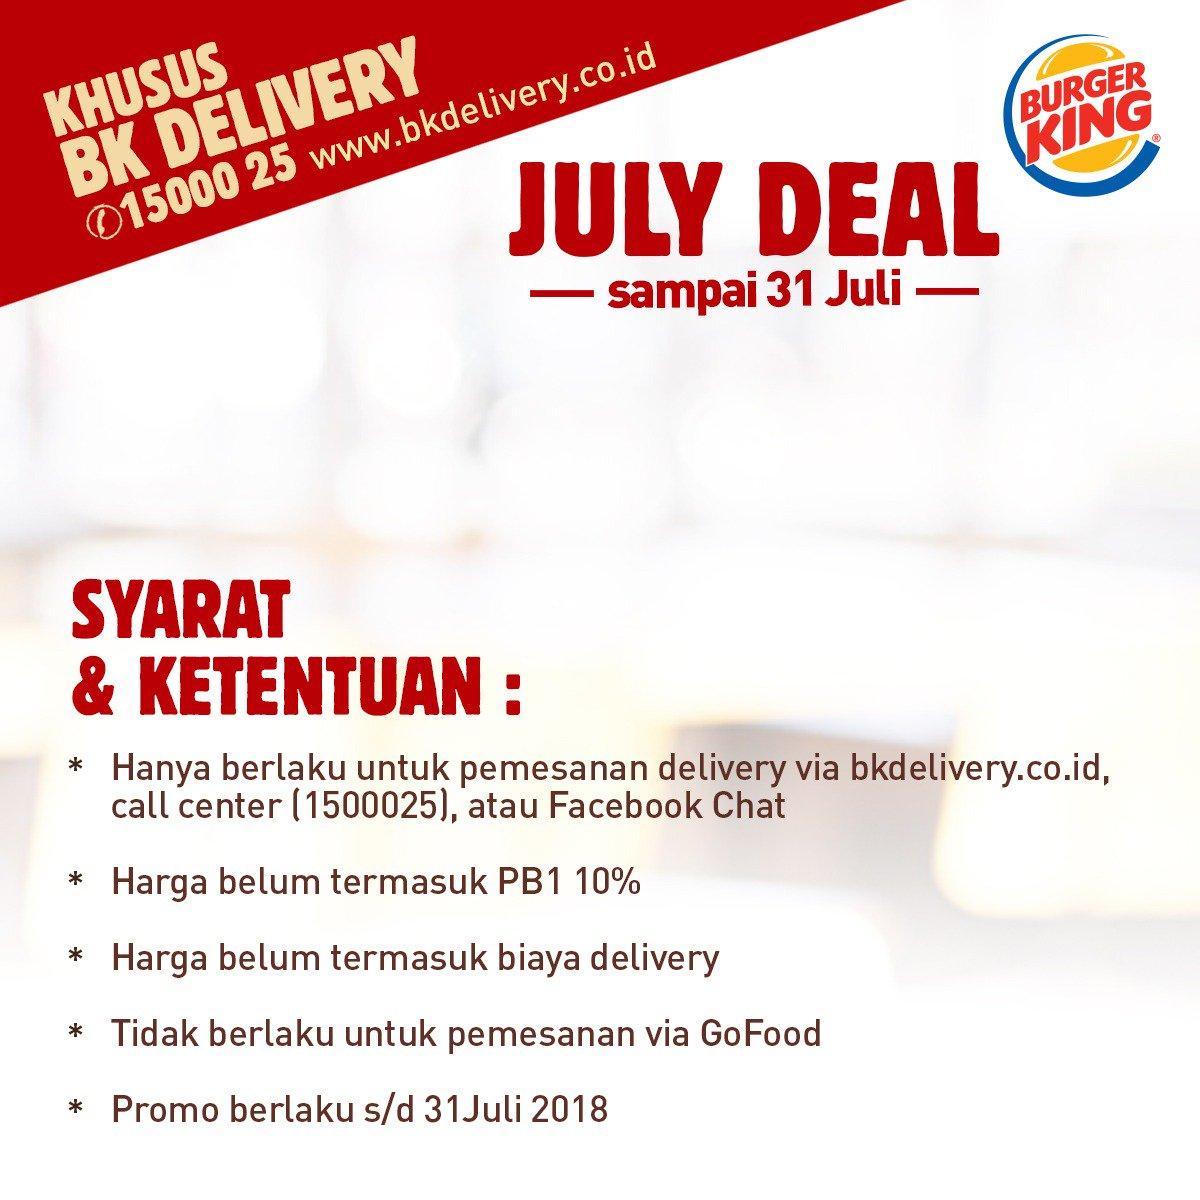 Burger King - Promo July Deal (s.d 31 Juli 2018)